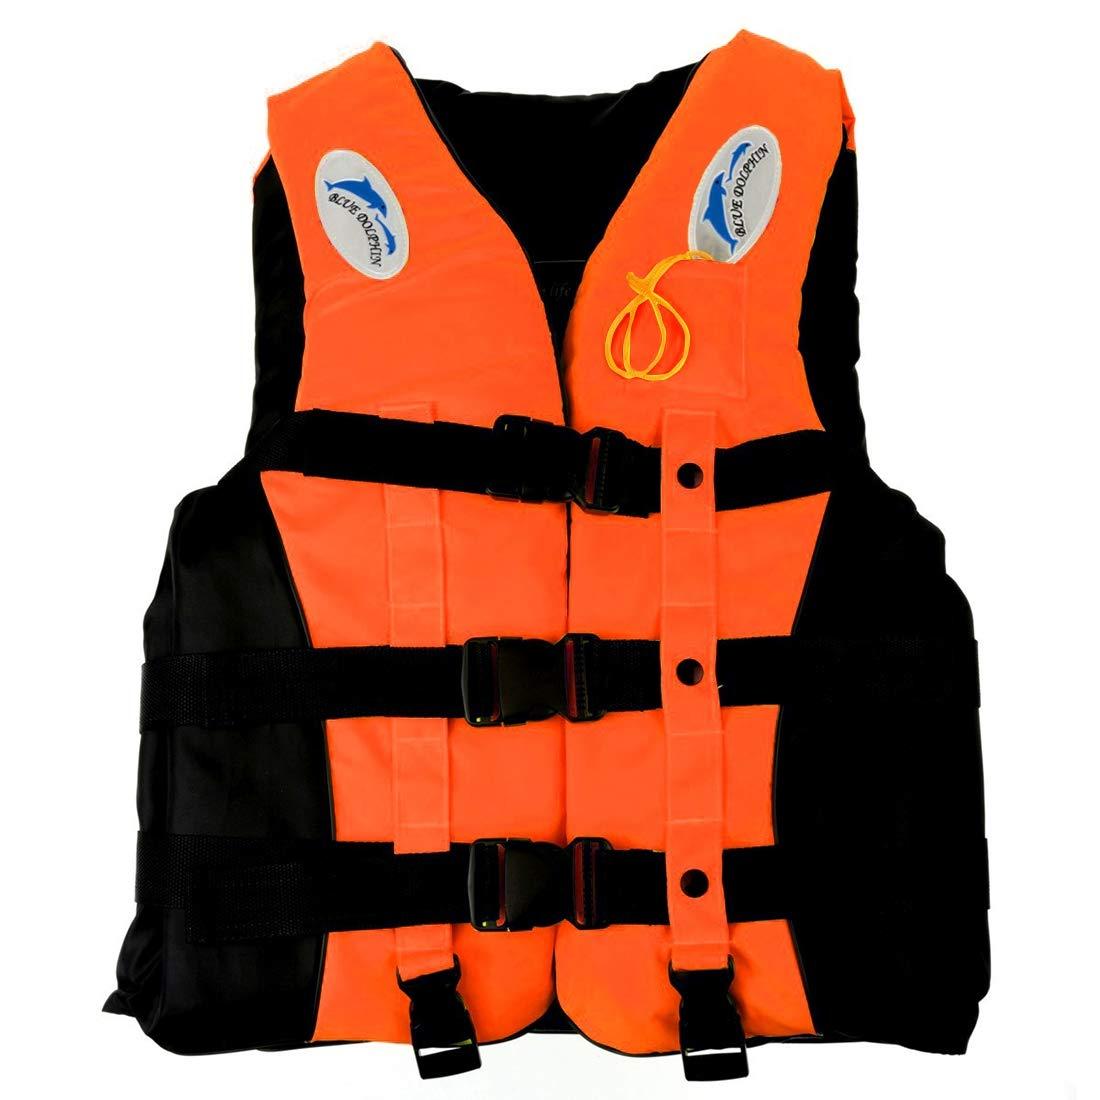 WTYDウォータースポーツツール 大人&子供向けホイッスル付き泳ぐ釣り釣りライフジャケット、サイズ:L(オレンジ) 水泳用アクセサリー  オレンジ B07RBZDFCZ